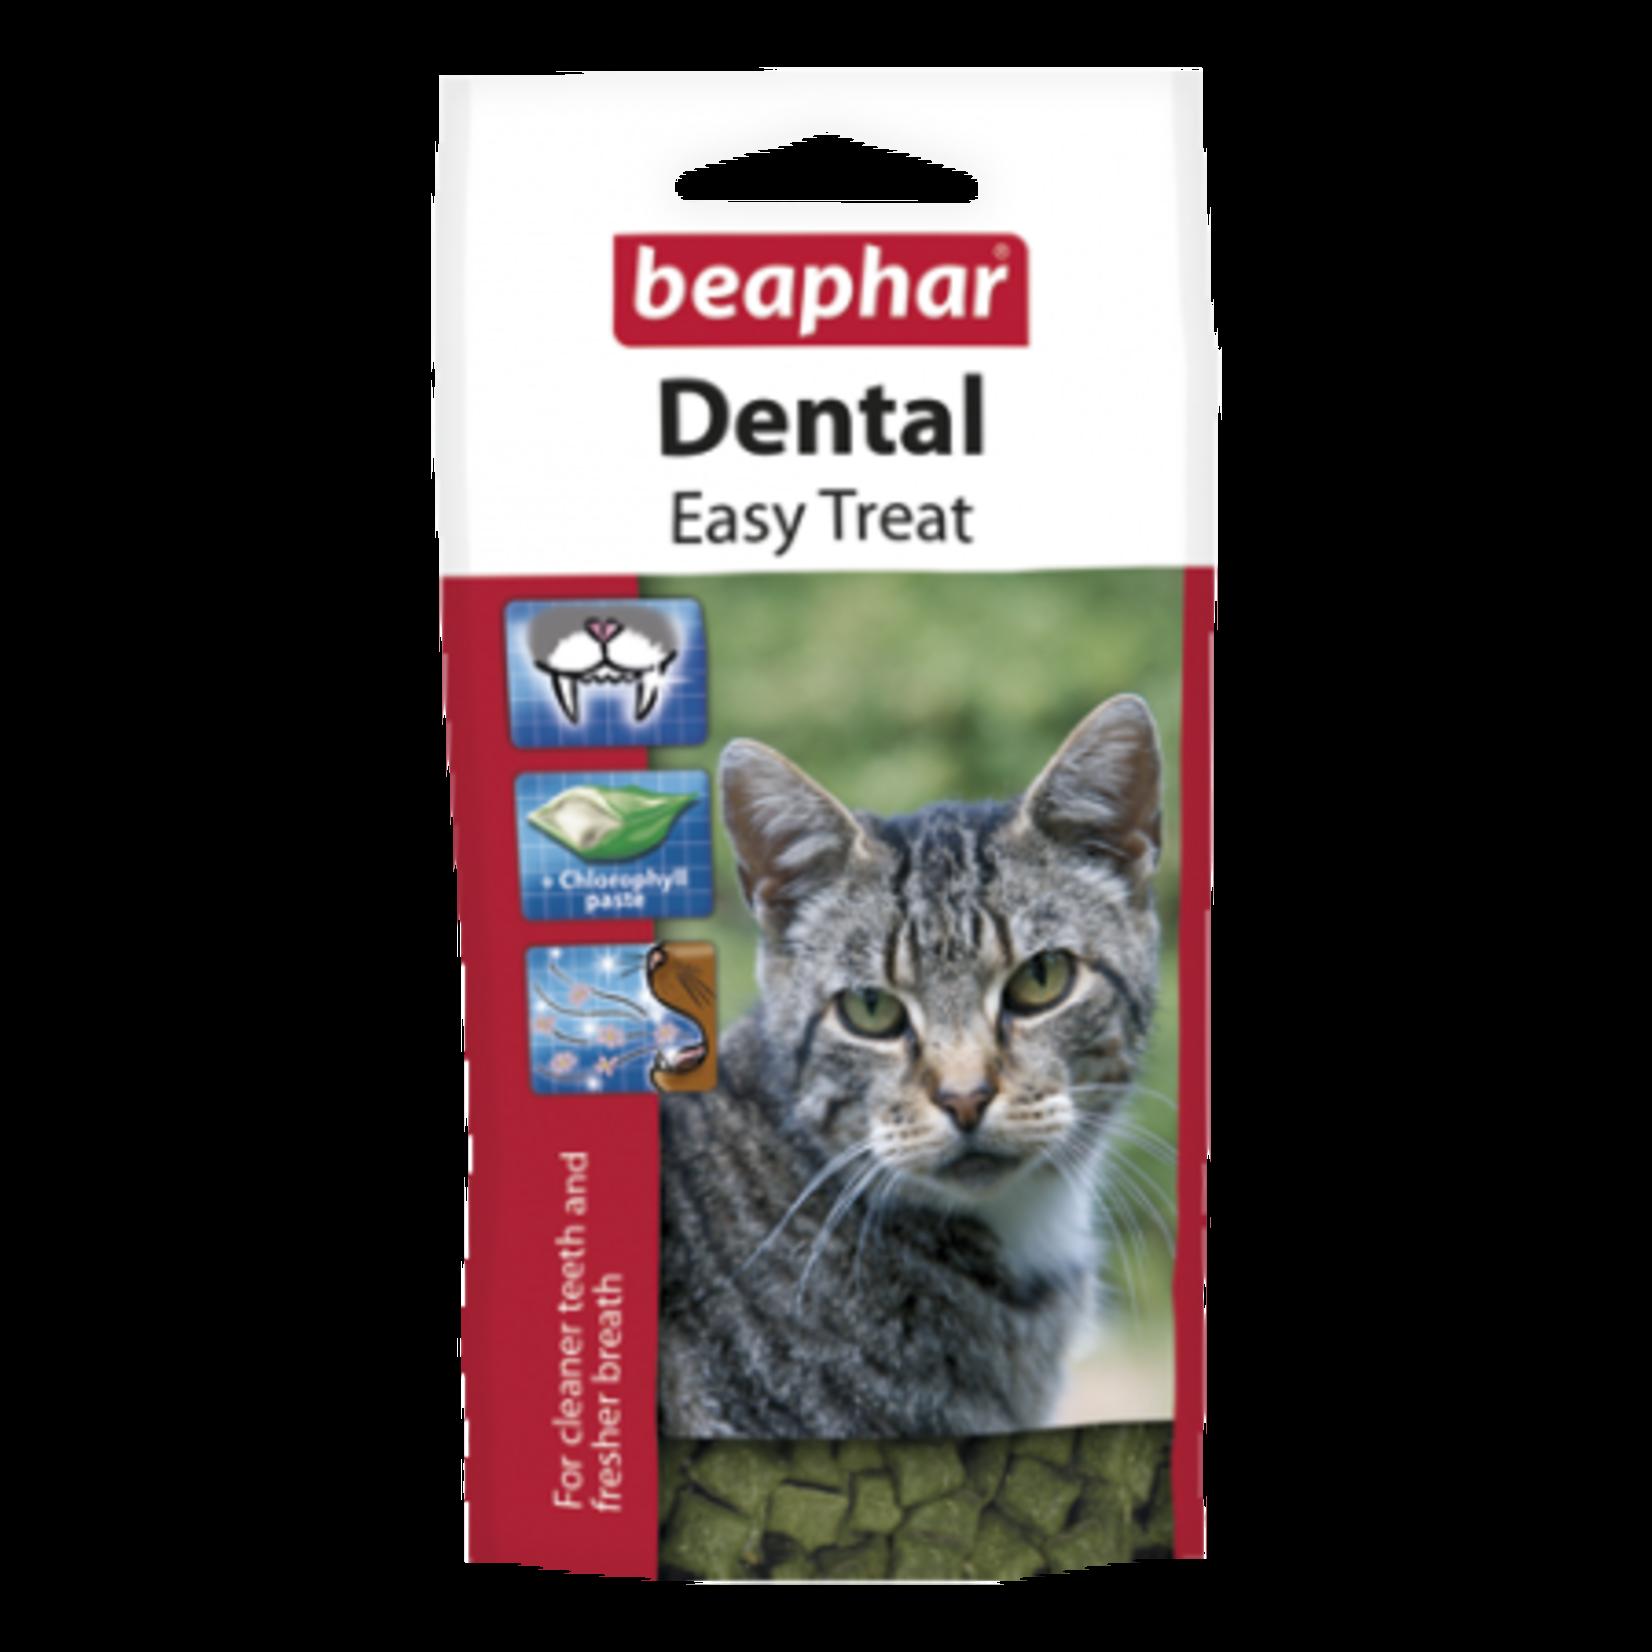 Beaphar Dental Easy Treat for Cats, 35g